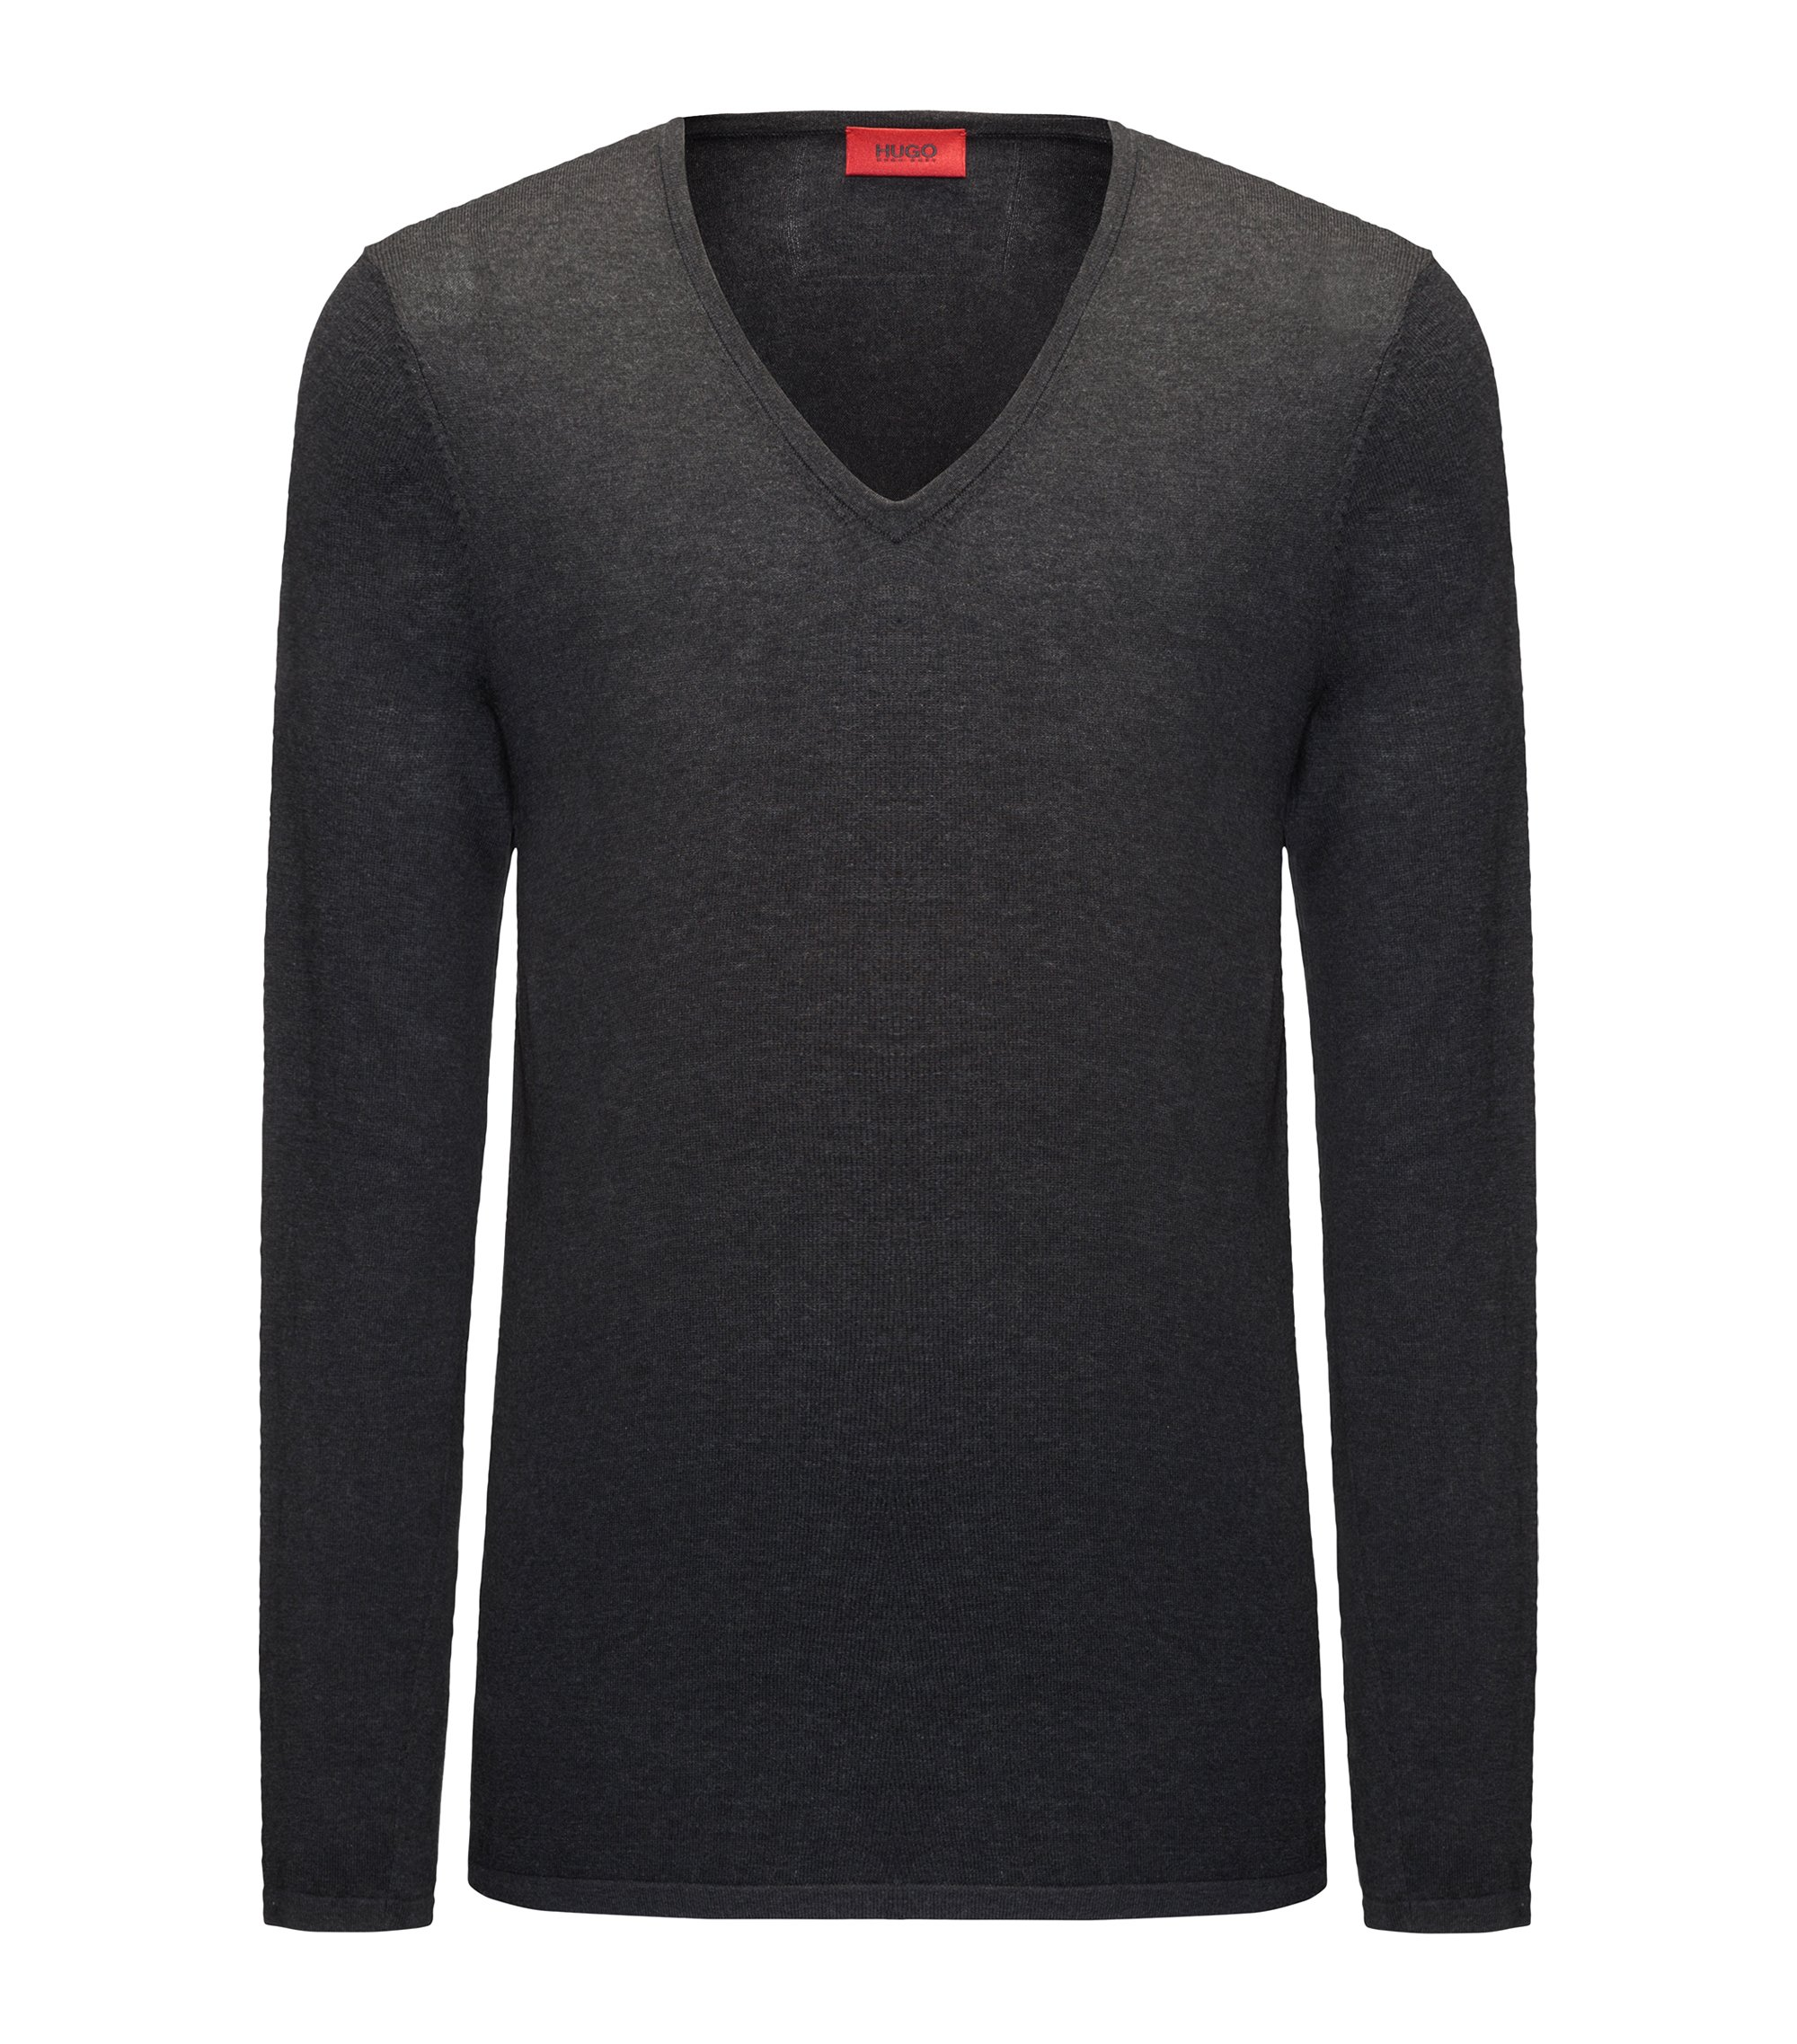 Pullover mit V-Ausschnitt aus Baumwoll-Mix mit Seide, Dunkelgrau